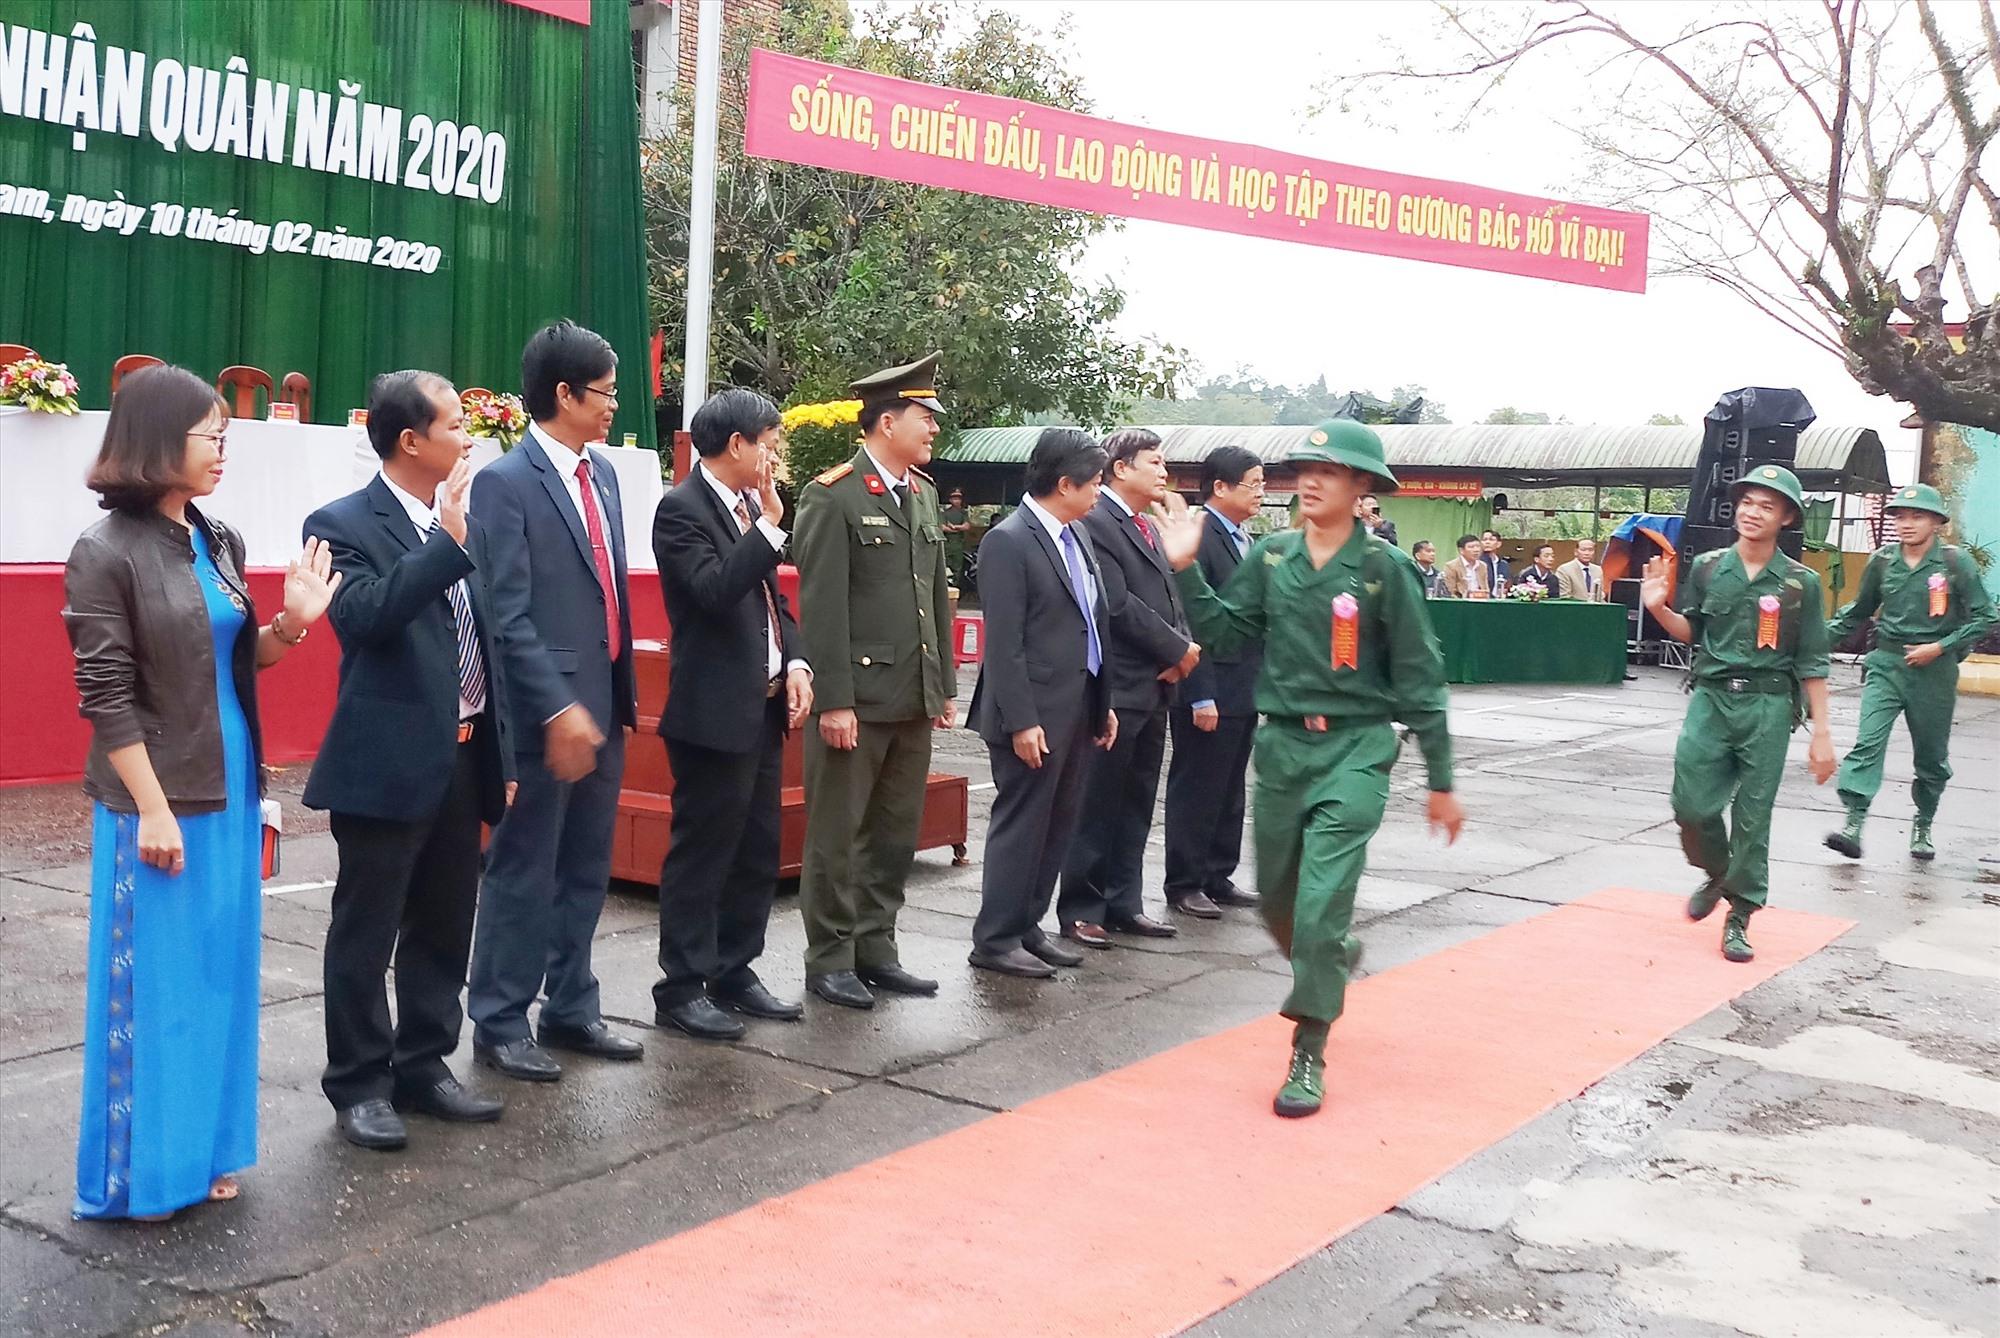 Lễ giao nhận quân tại Tiên Phước diễn ra nhanh gọn, trang nghiêm, an toàn tuyệt đối về mọi mặt